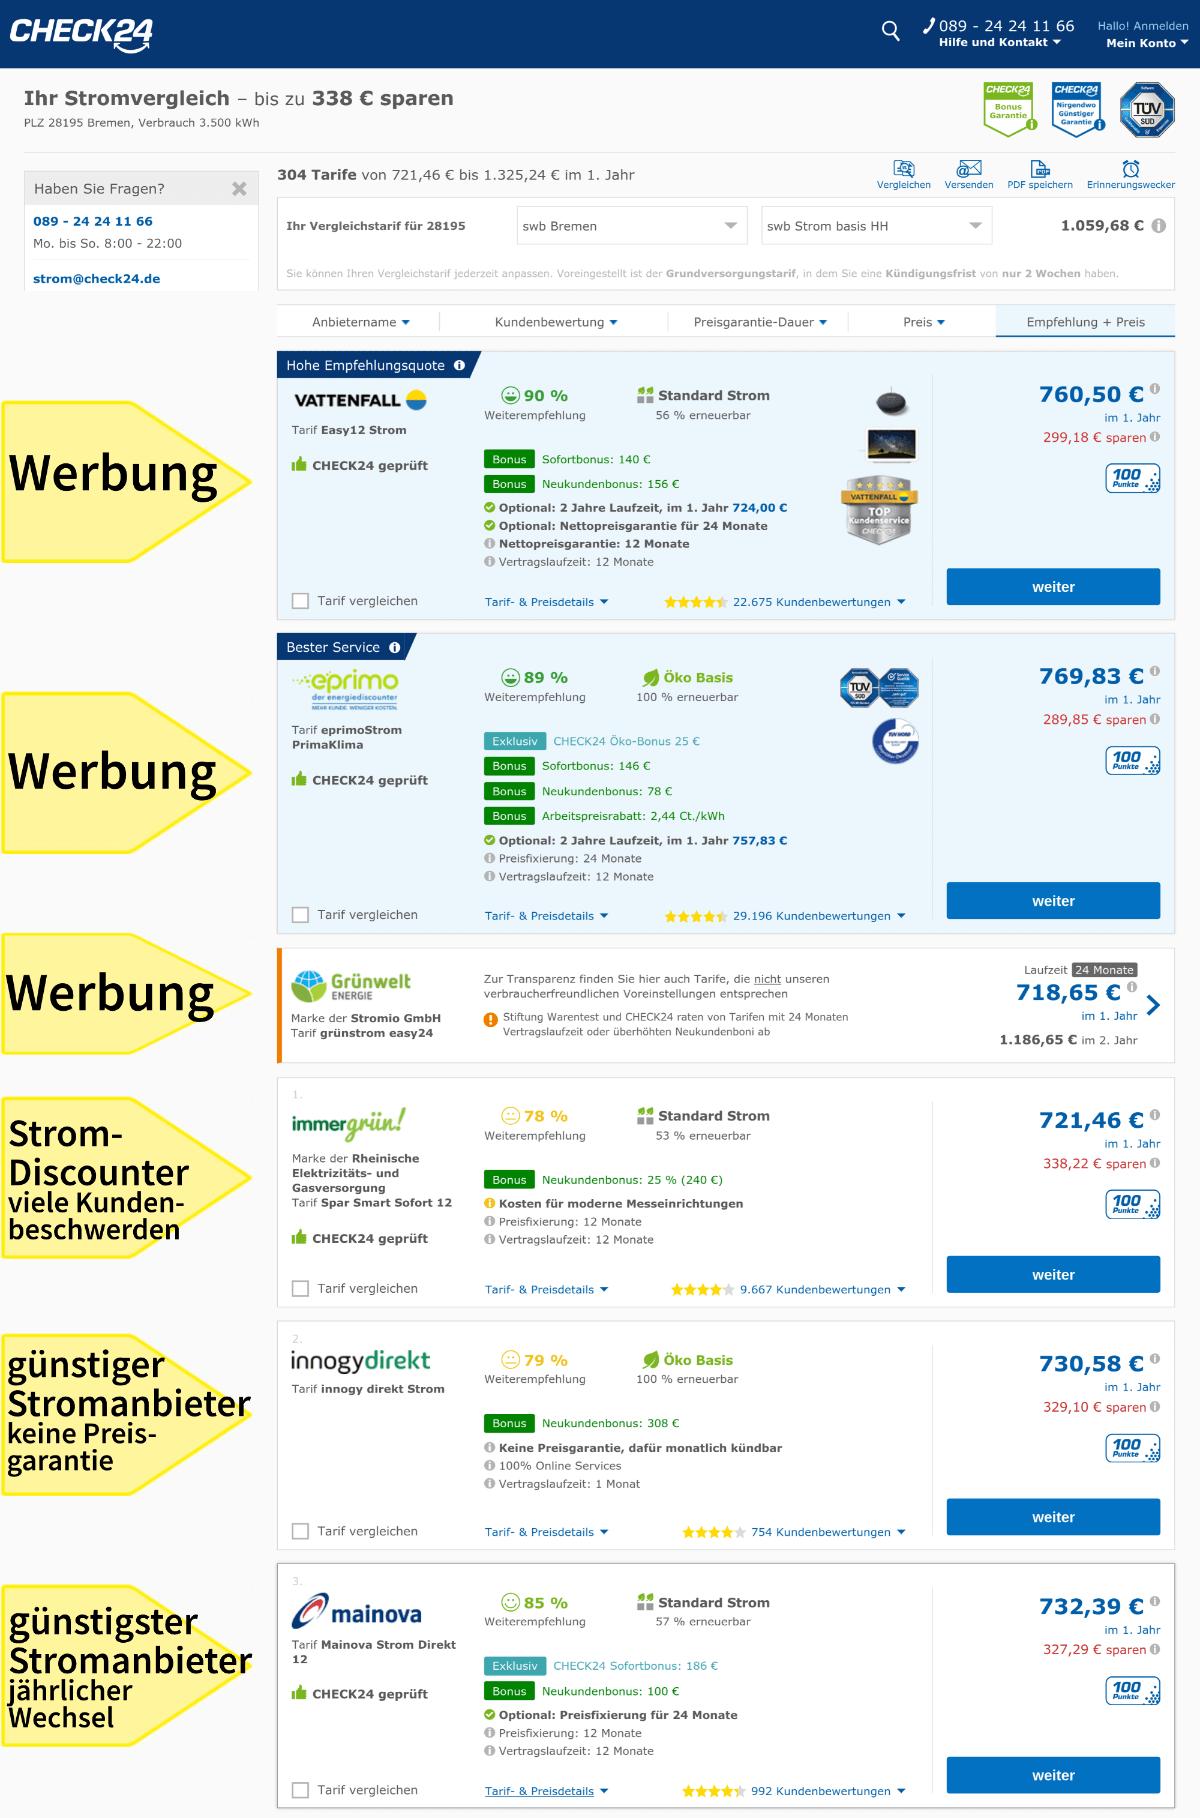 Die Ergebnisse im Vergleichsportal Check24, Stromanbieter jährlich wechseln in Bremen.